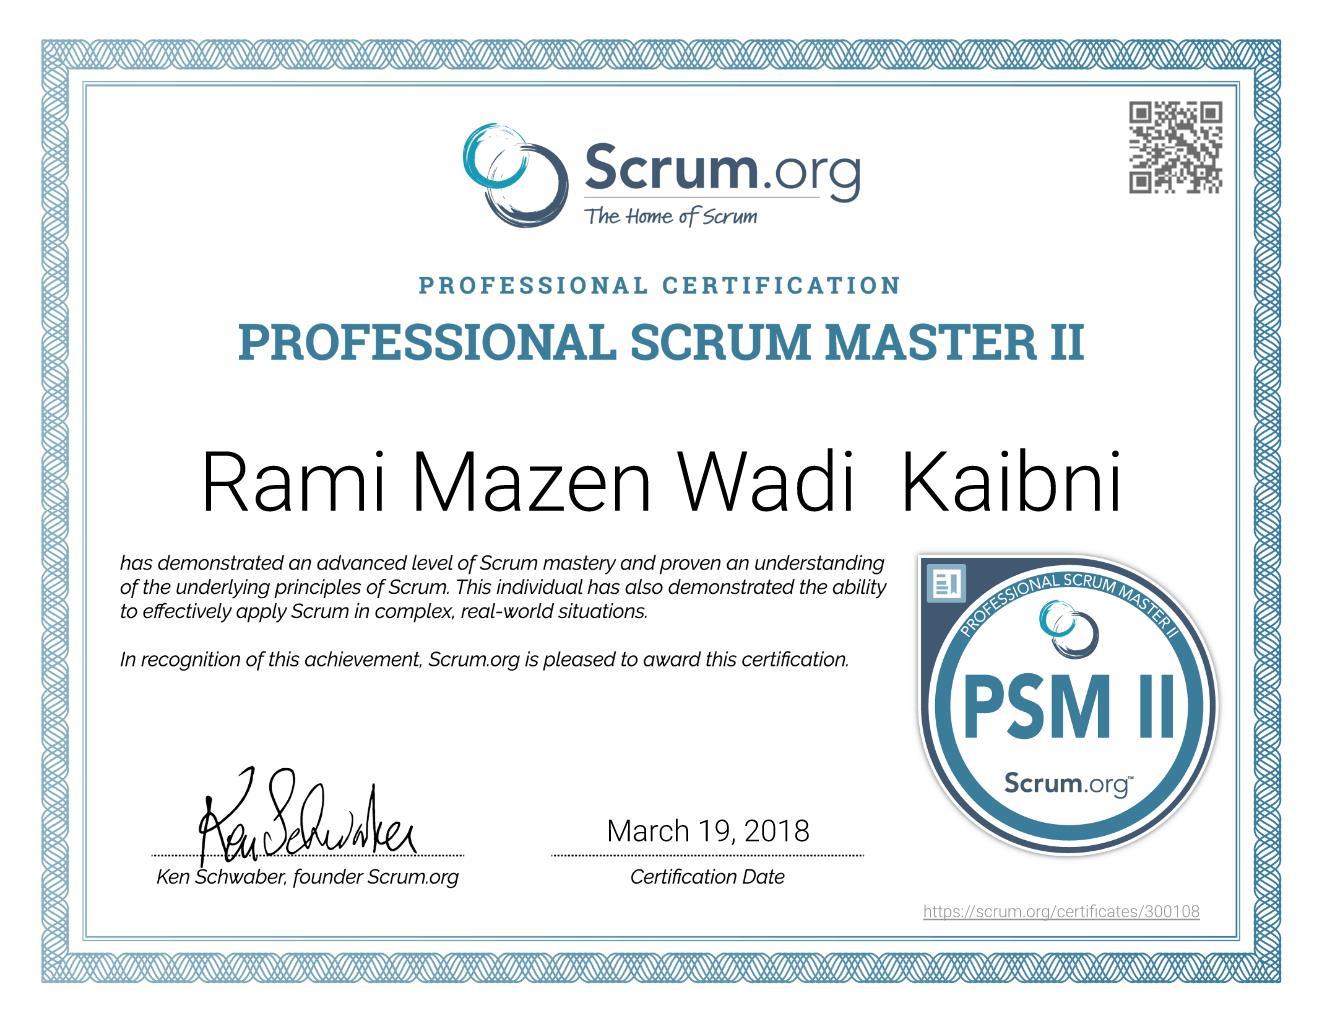 PSM II Certificate